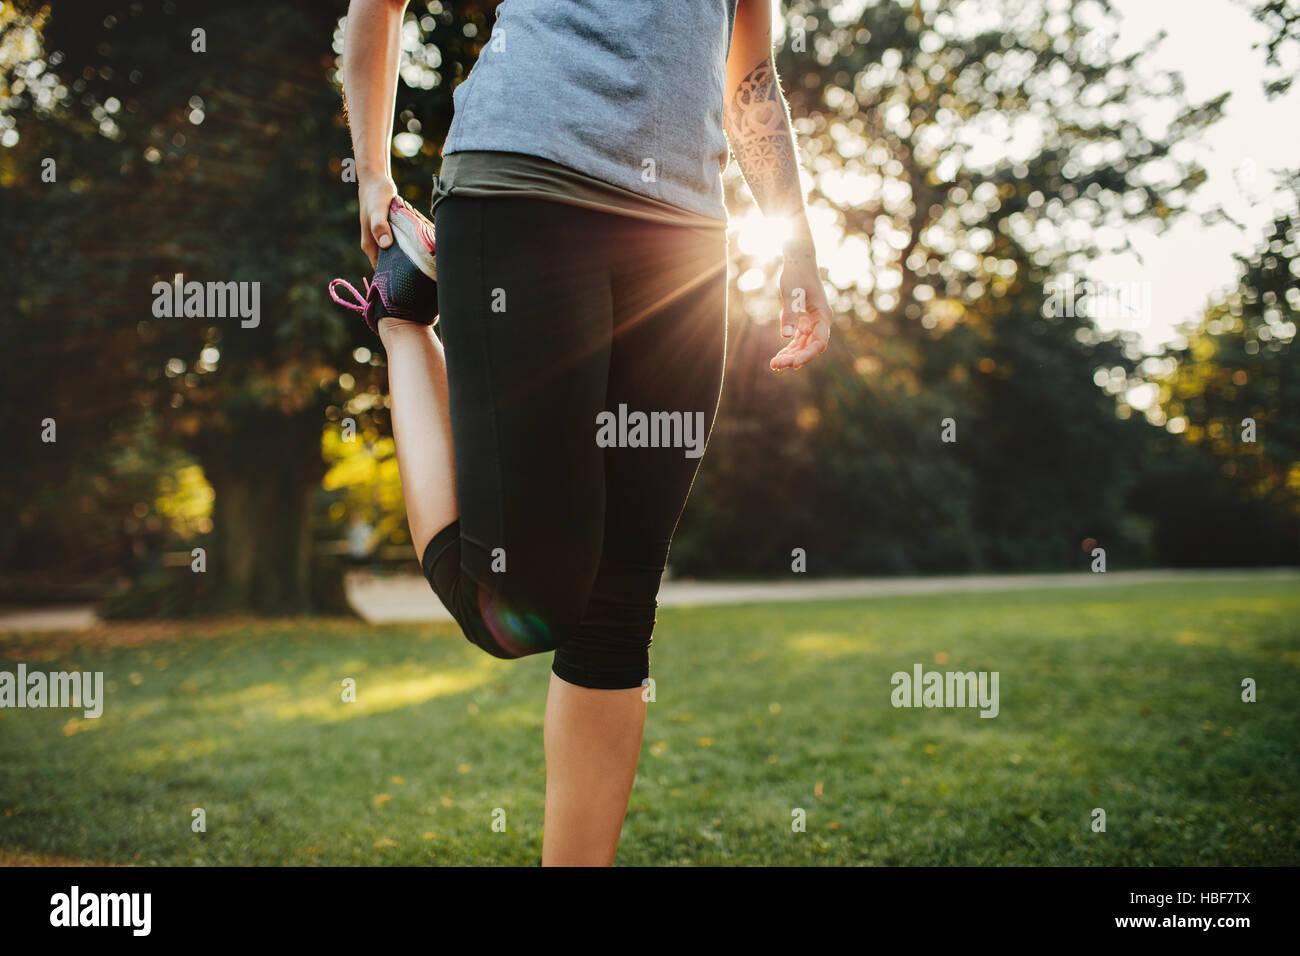 Ritagliato colpo di donna fitness stretching gambe. Modello femminile di esercitare nella mattina presso il parco Immagini Stock